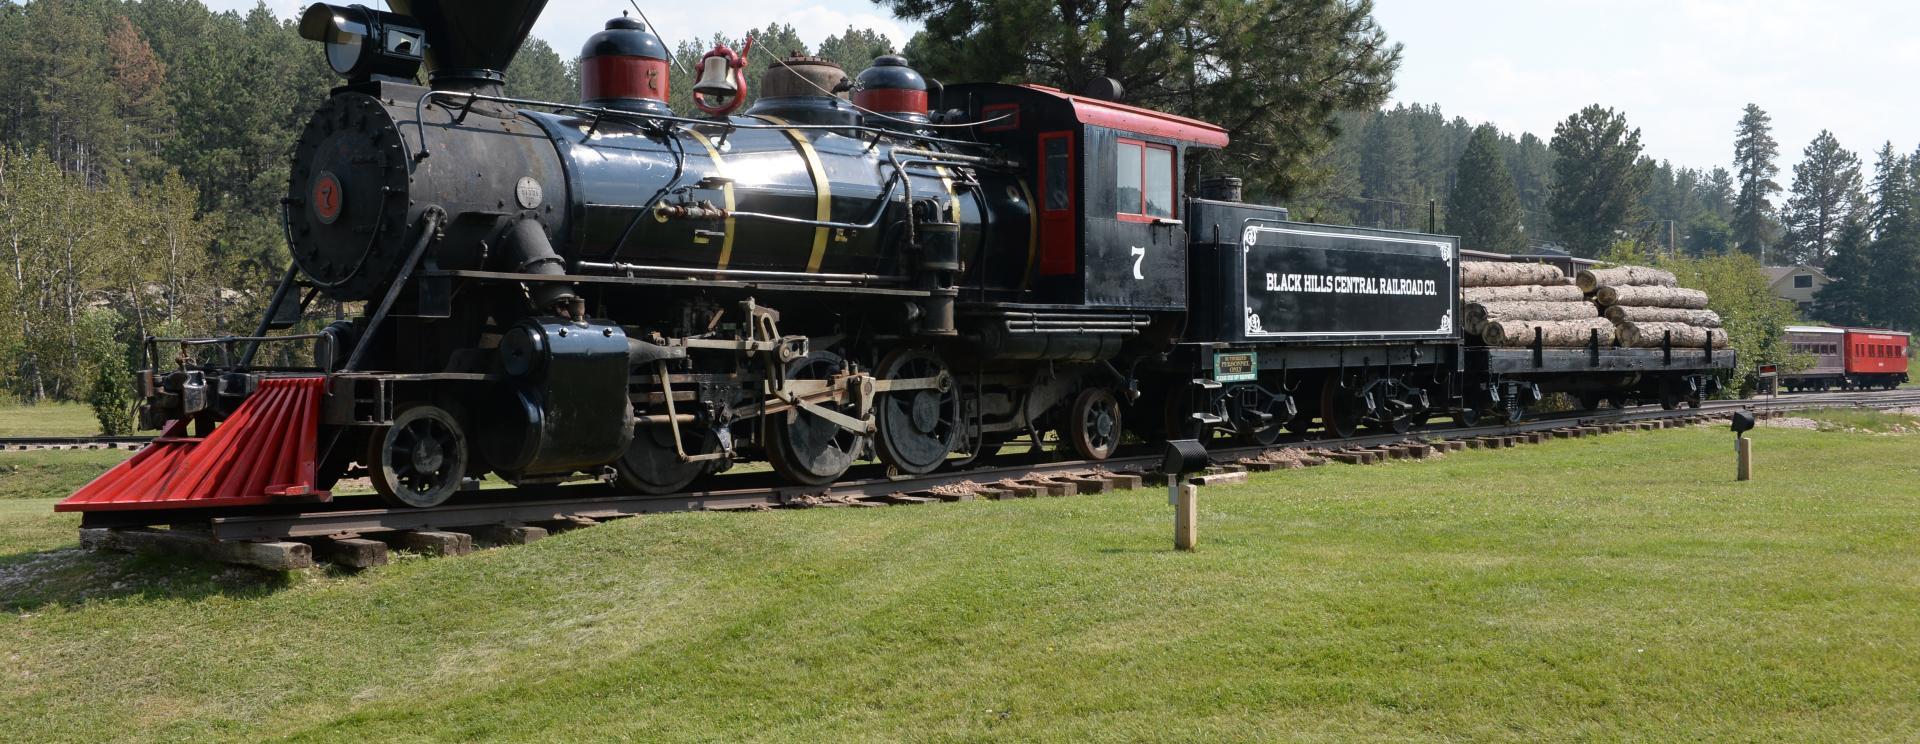 1880 Train - Black Hills Central Railroad